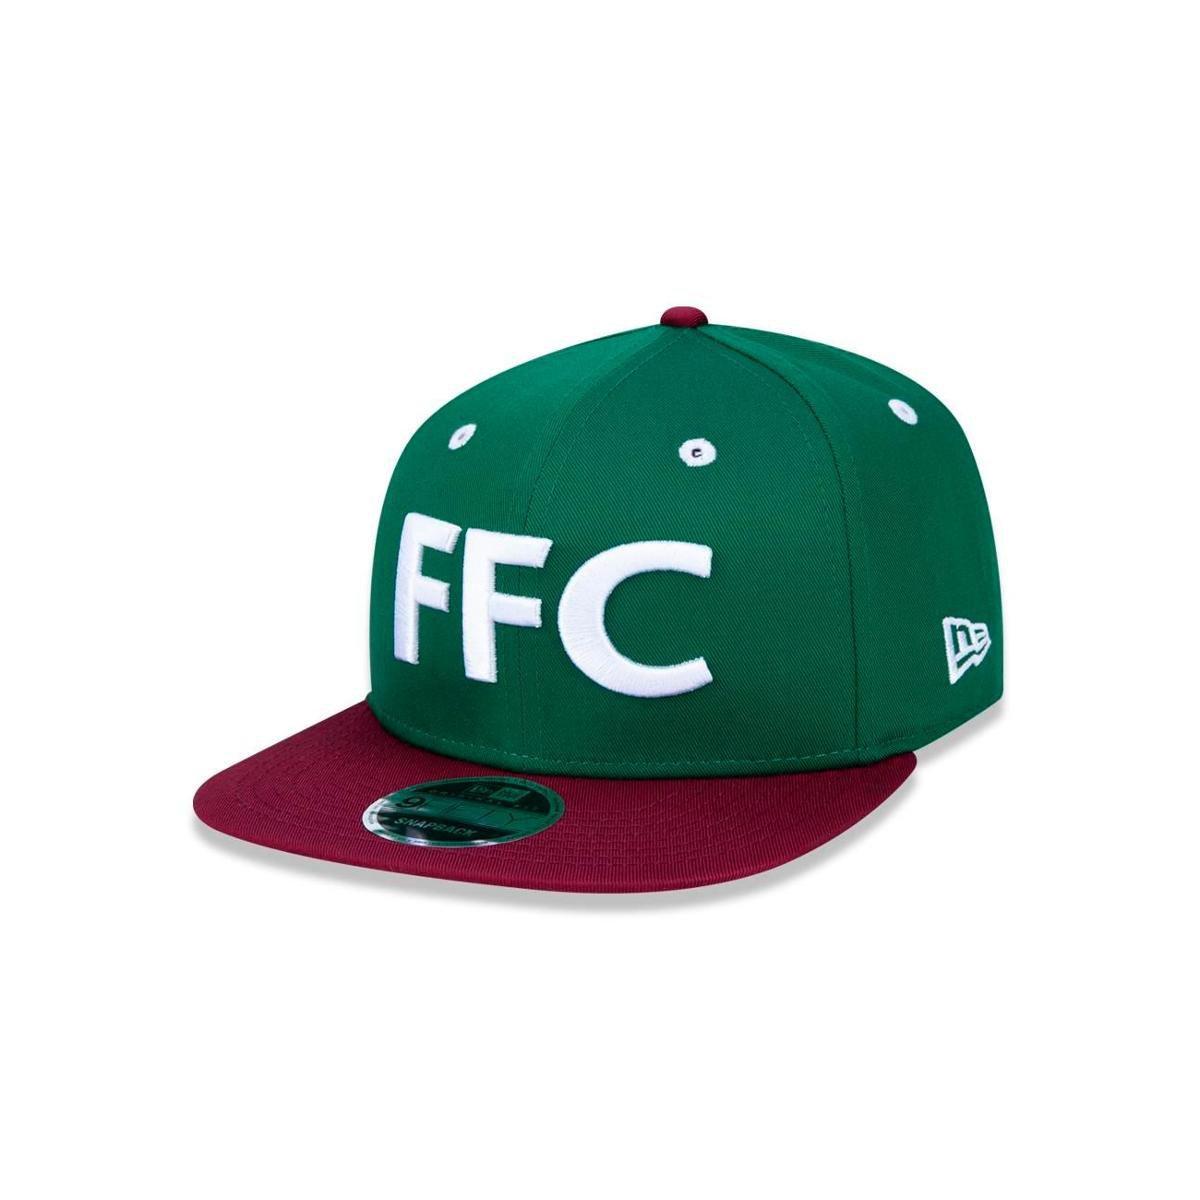 b8f8f11c5a20a Boné 950 Original Fit Fluminense Futebol Aba Reta Snapback New Era ...